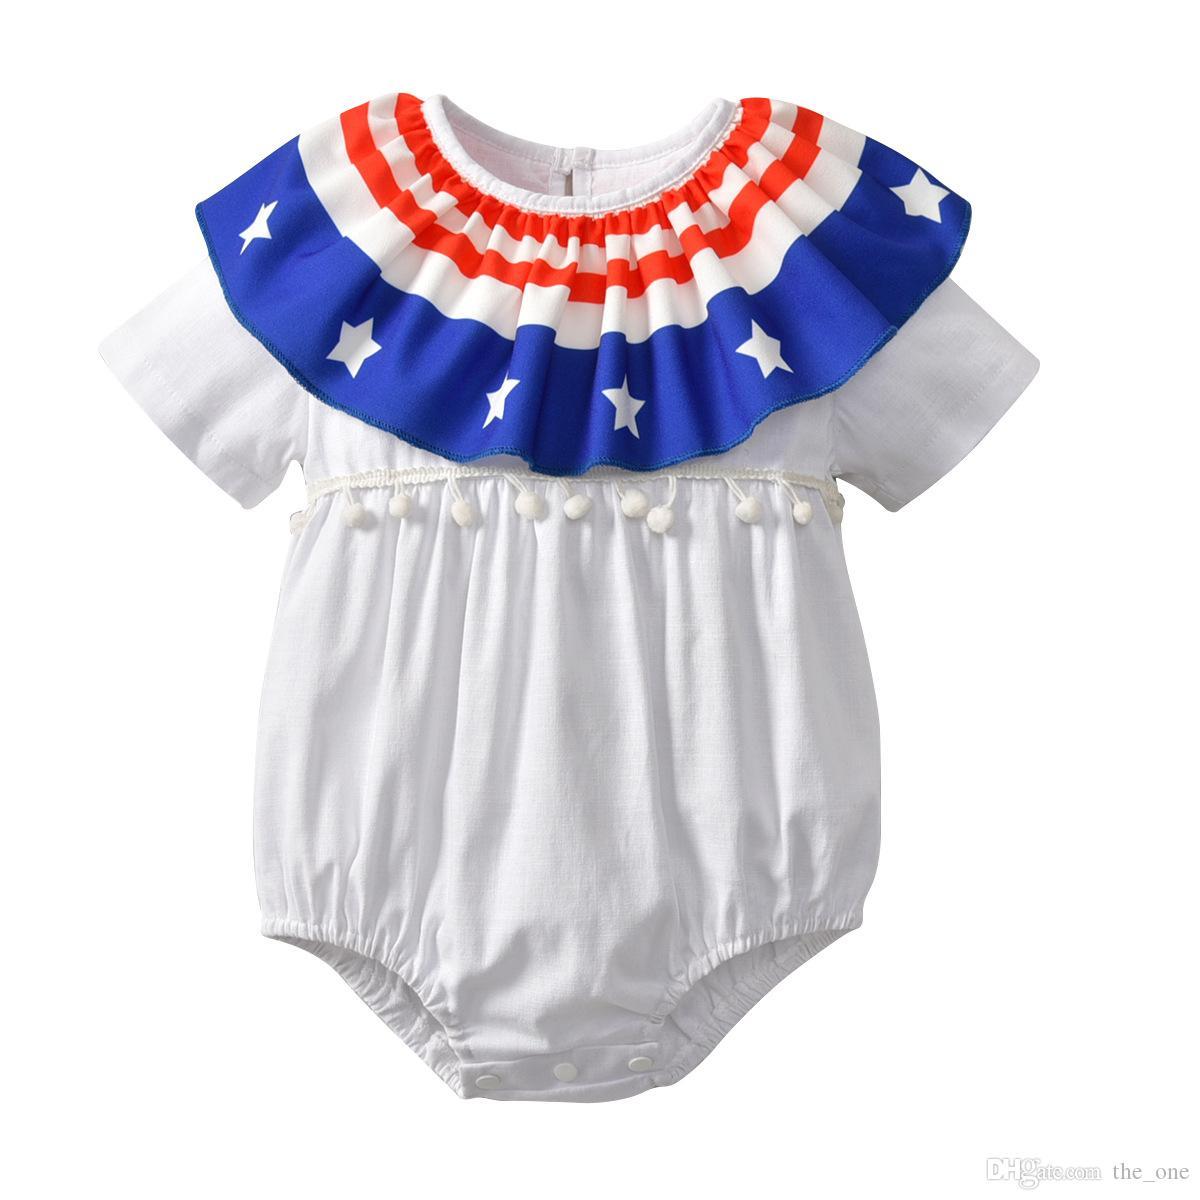 Мода детские с короткими рукавами 2Layer воротник комбинезон красный синий американские флаги дети комбинезоны летние детские ползунки День Независимости праздник